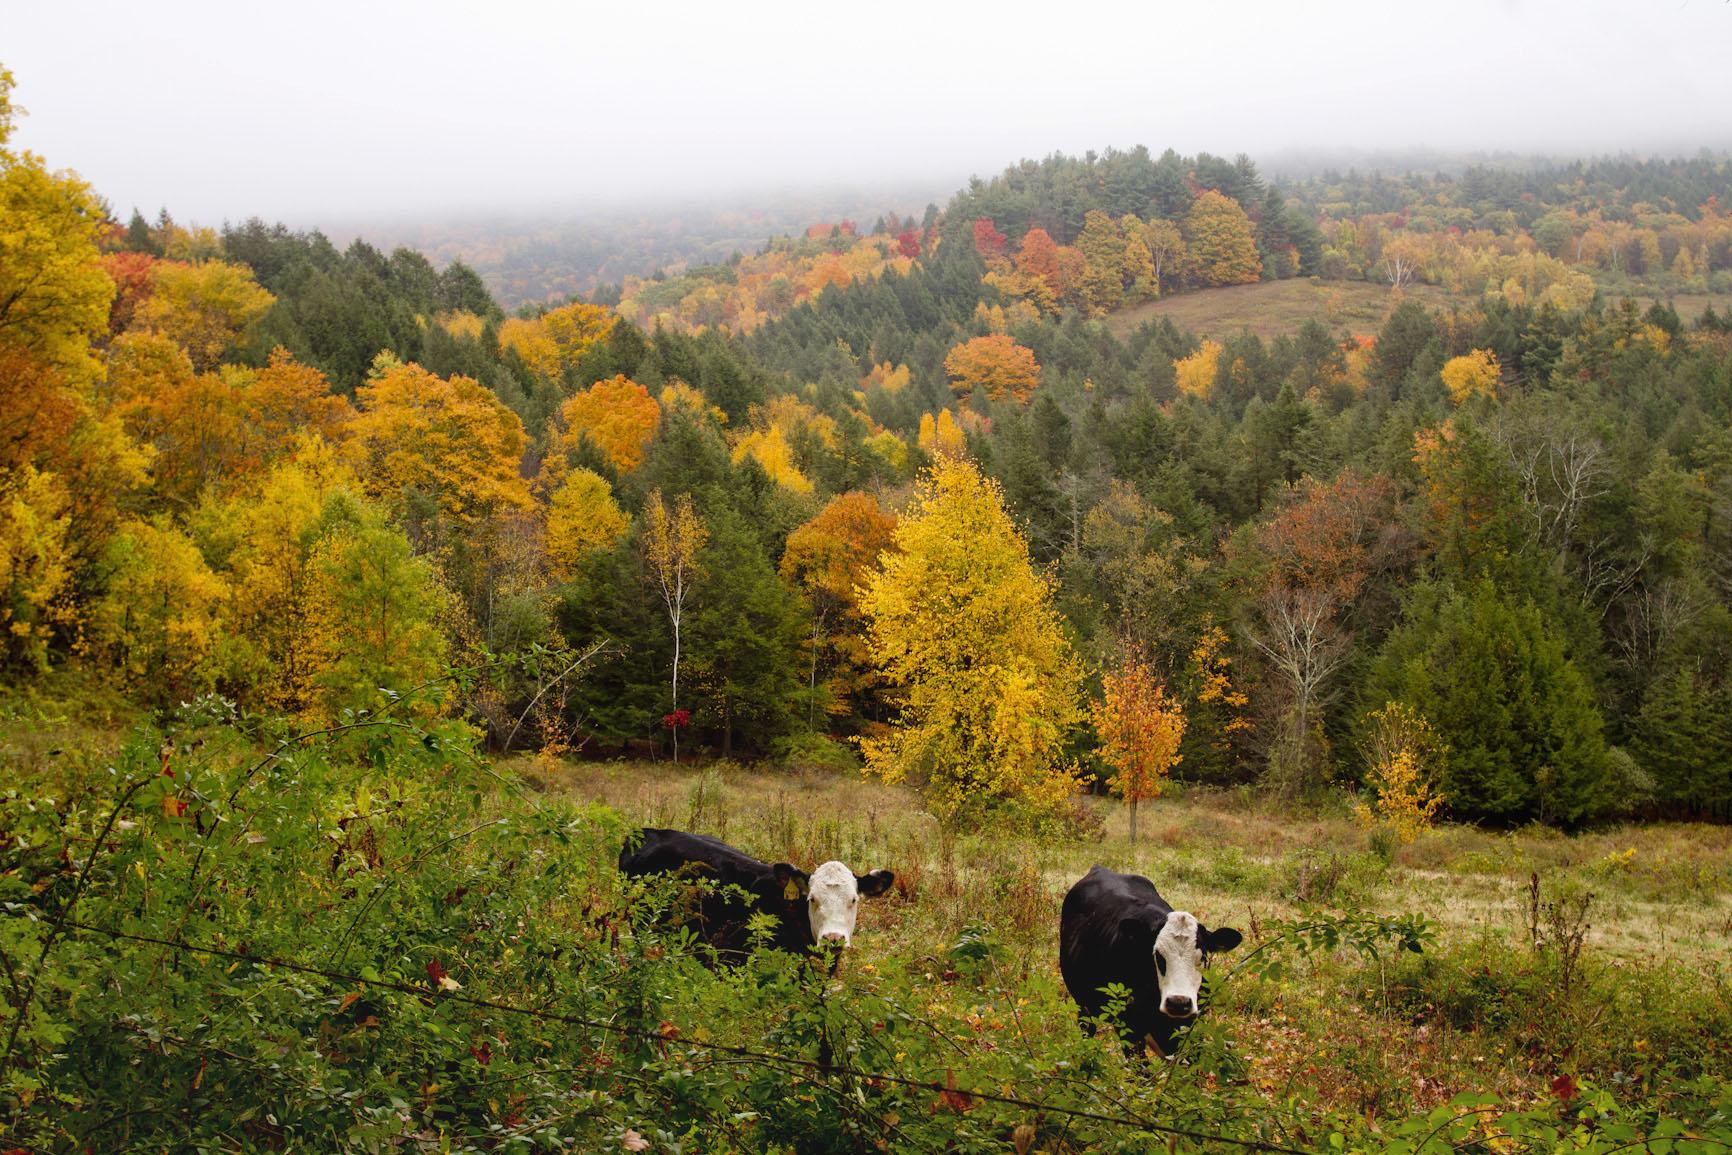 rural-farm-cows-autumn-leaves-foliage.jpg